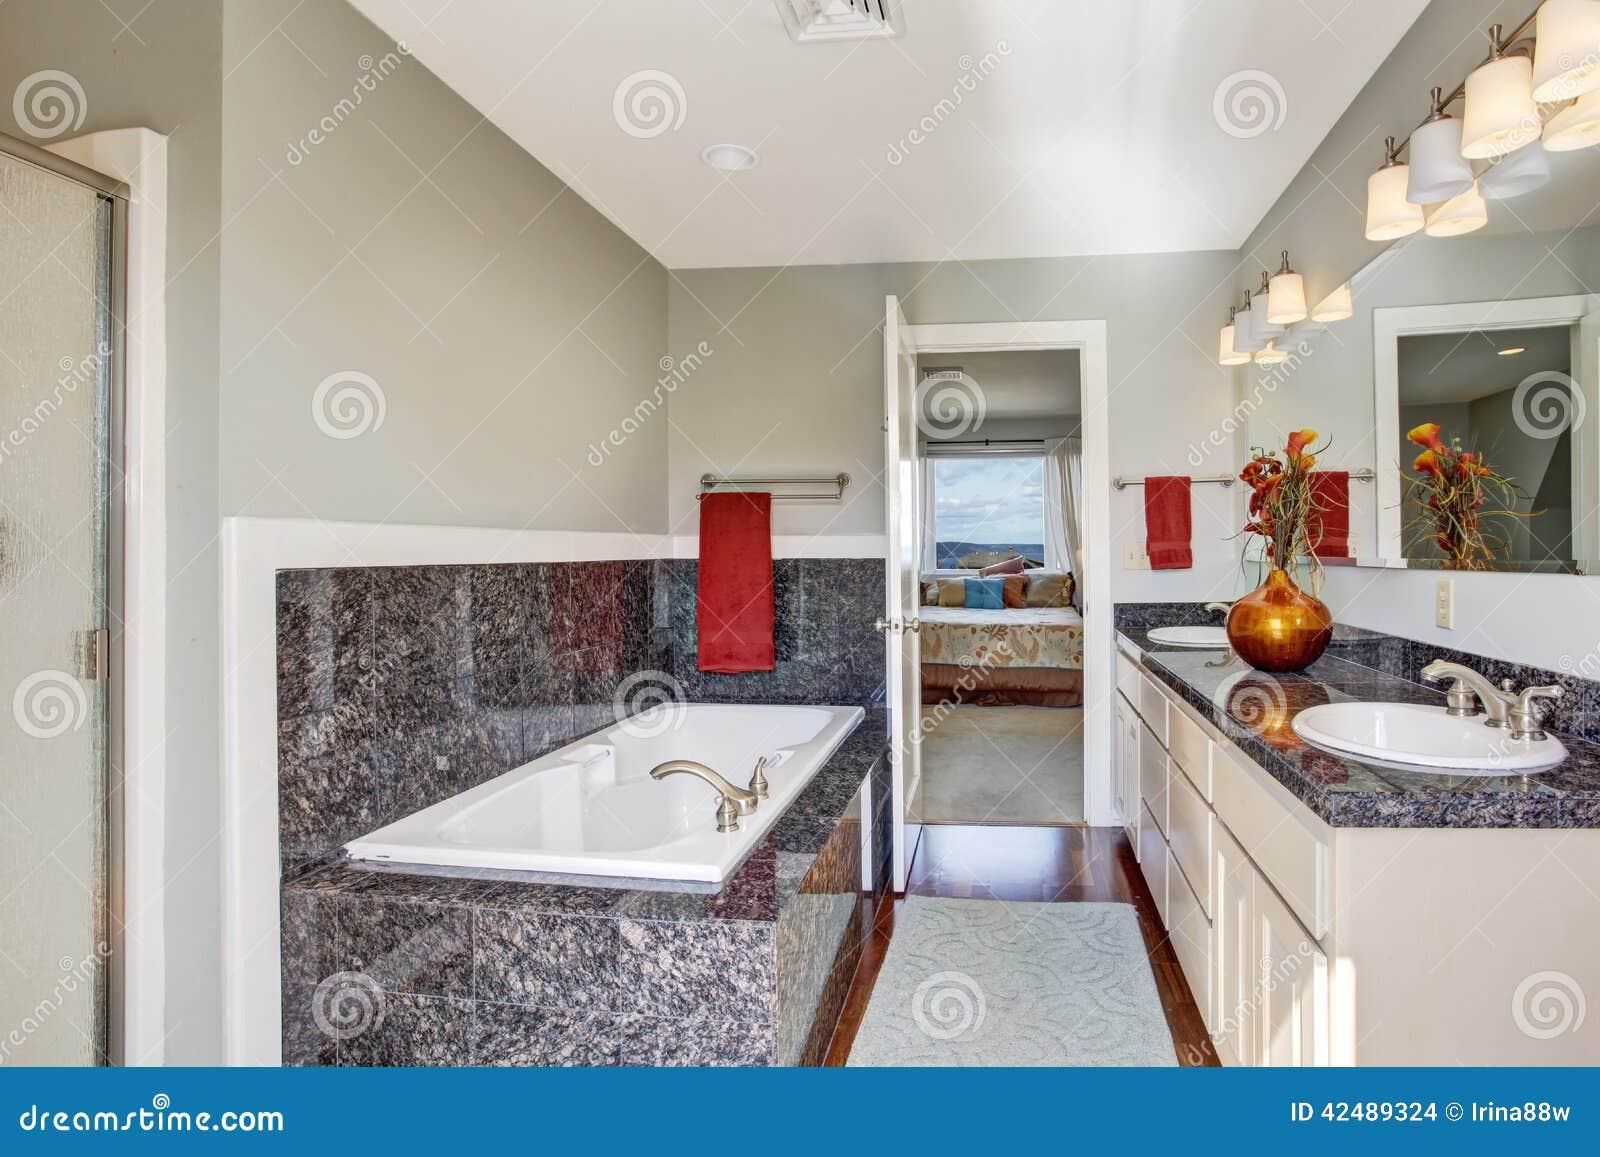 Salle De Bain Dans Une Chambre ~ int rieur moderne de salle de bains dans la chambre coucher